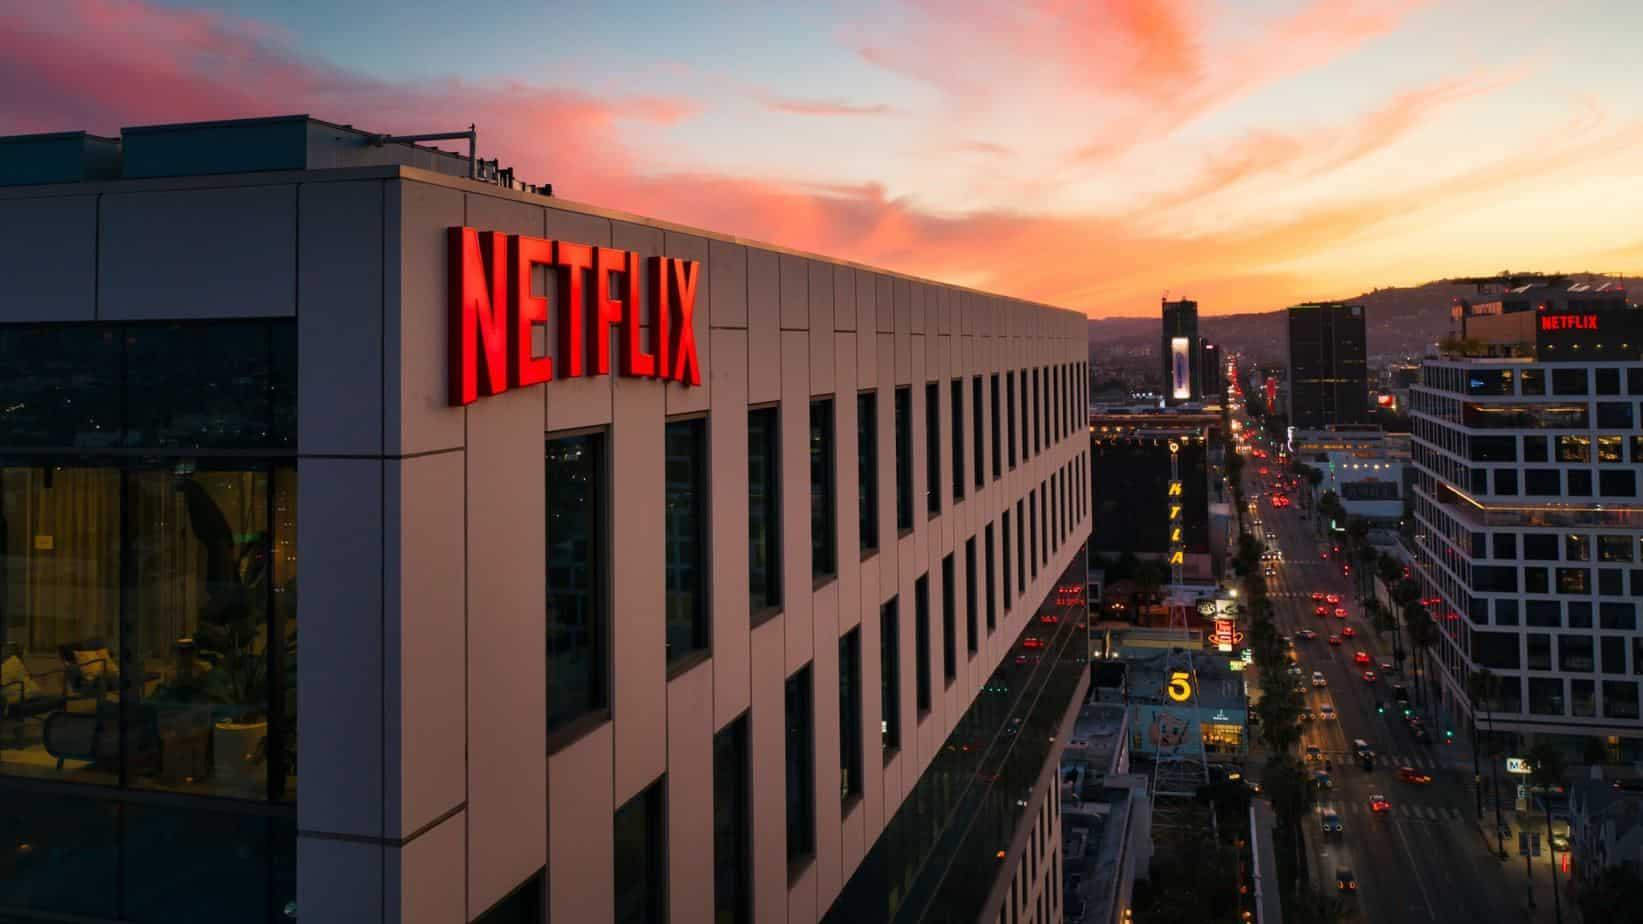 La plateforme de streaming Netflix a révélé des statistiques sur le top 10 des séries et films.